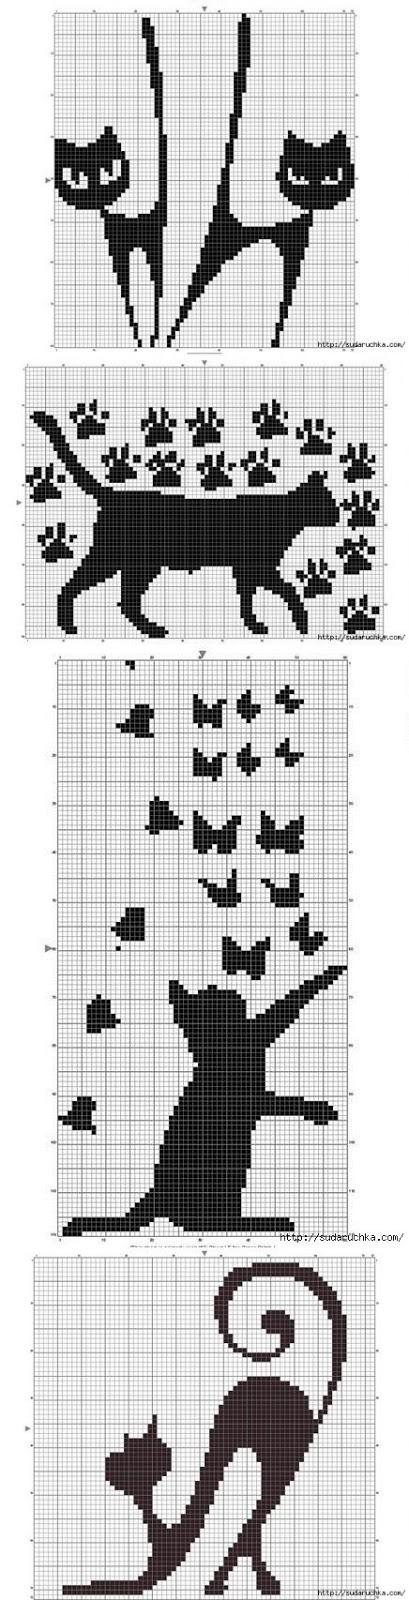 [siluetas+gatos+punto+de+cruz+monocromo++%2826%29%5B2%5D]